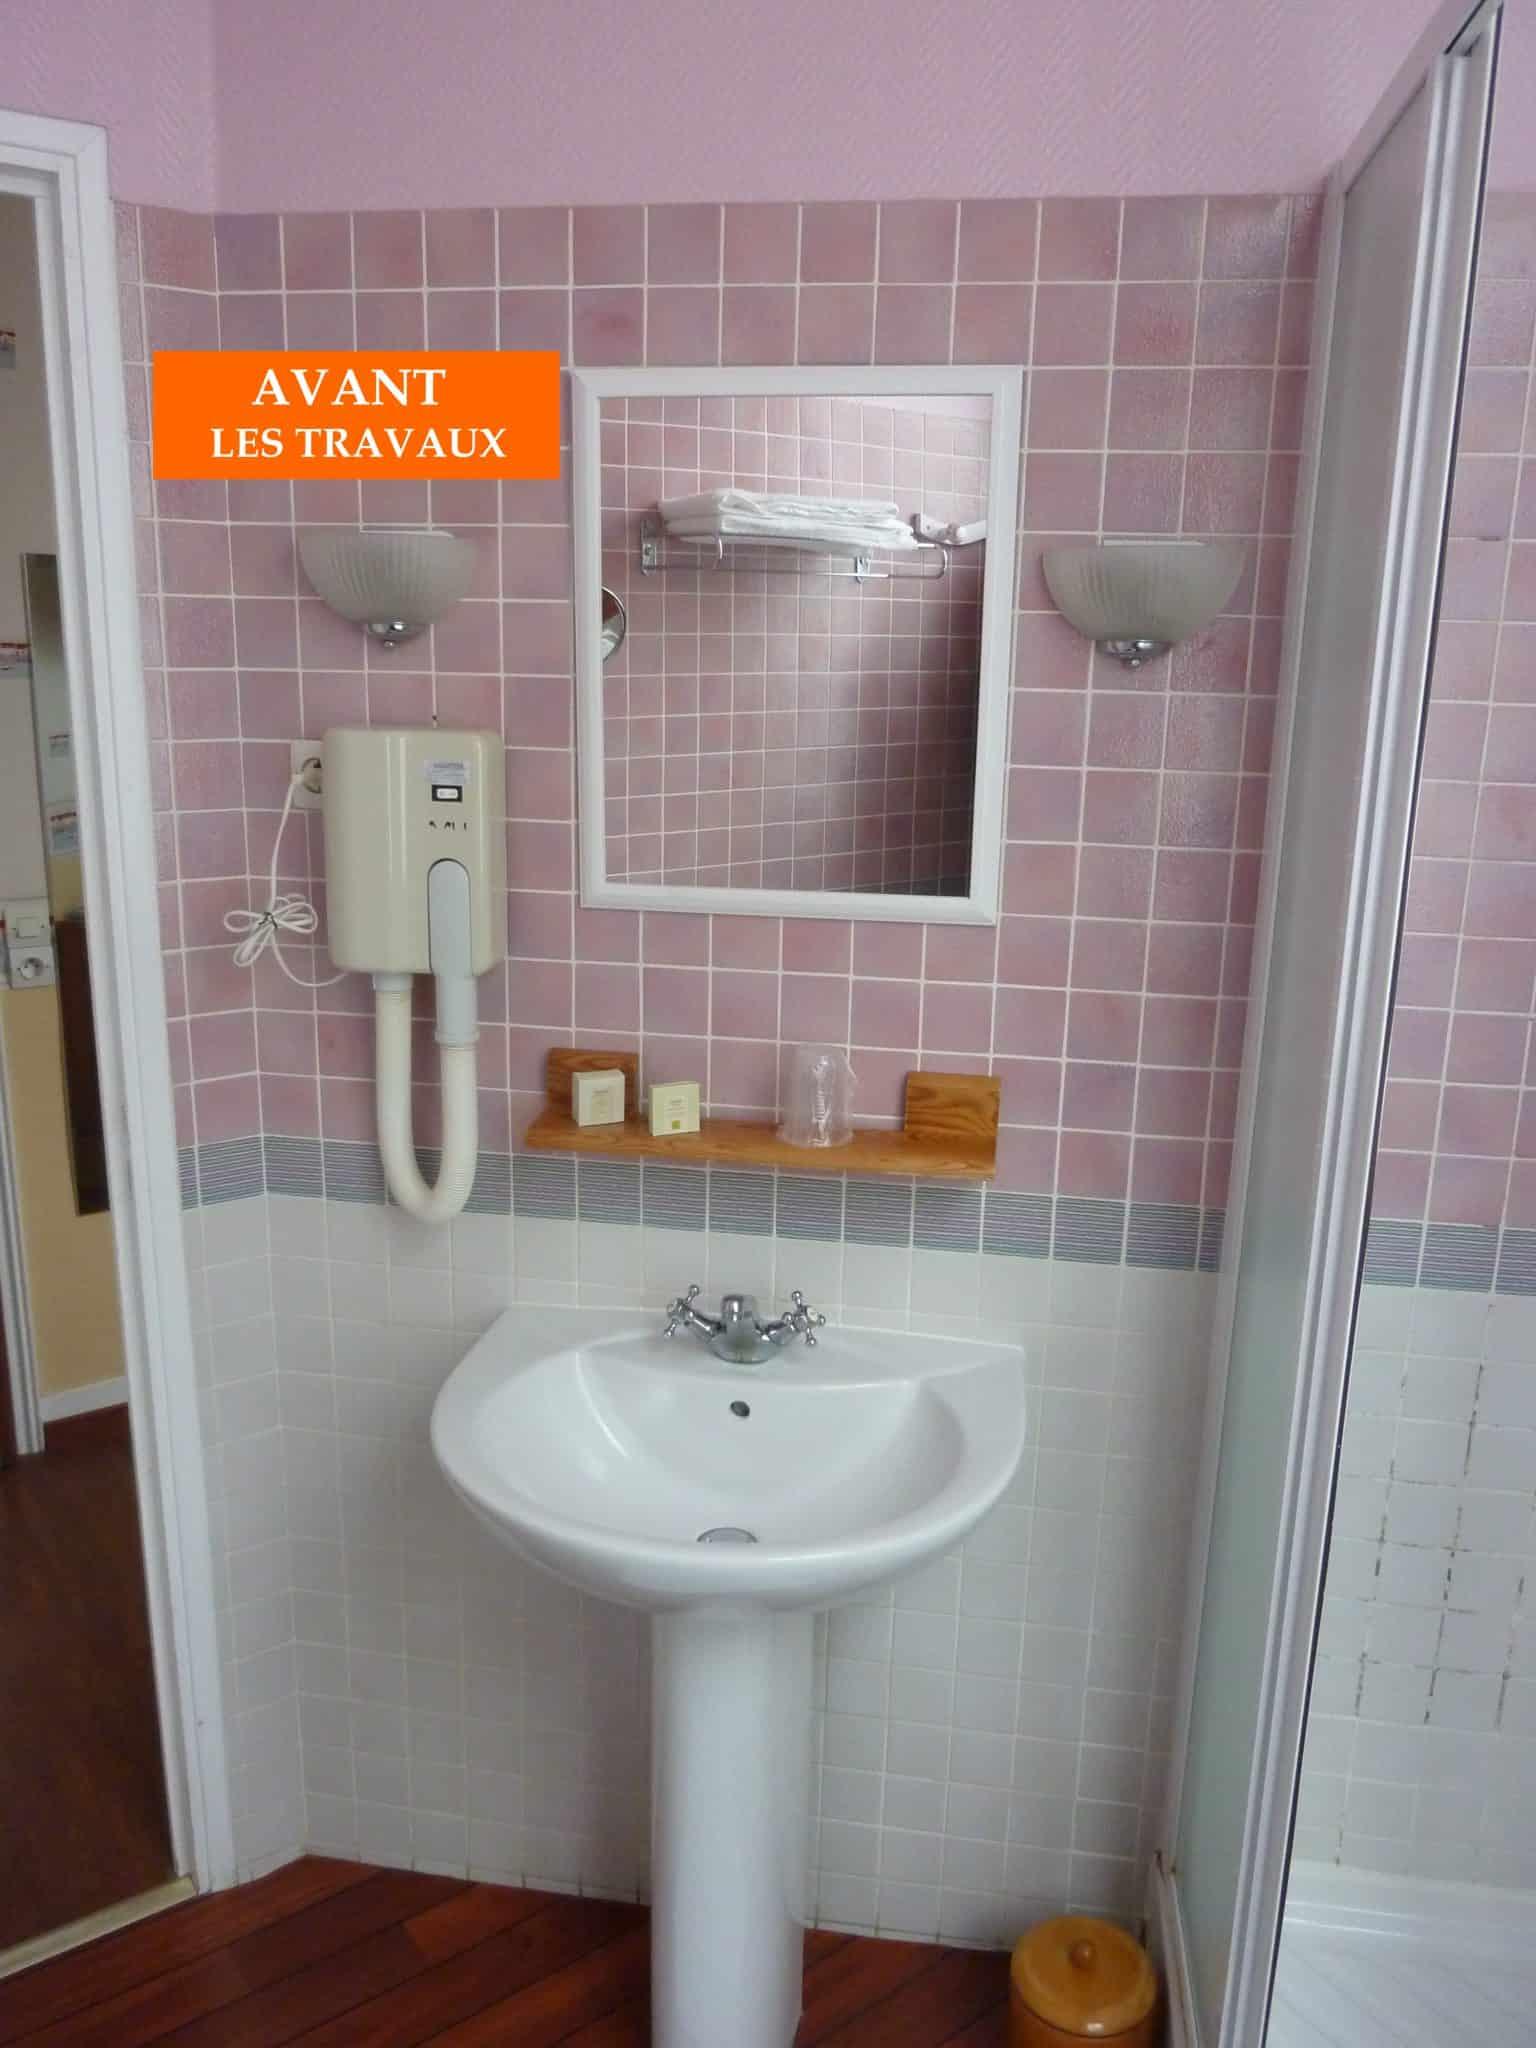 Miroir Salle De Bain Monsieur Bricolage ~ D Coration D Int Rieur Et Agencement De L H Tel Le Pappagall